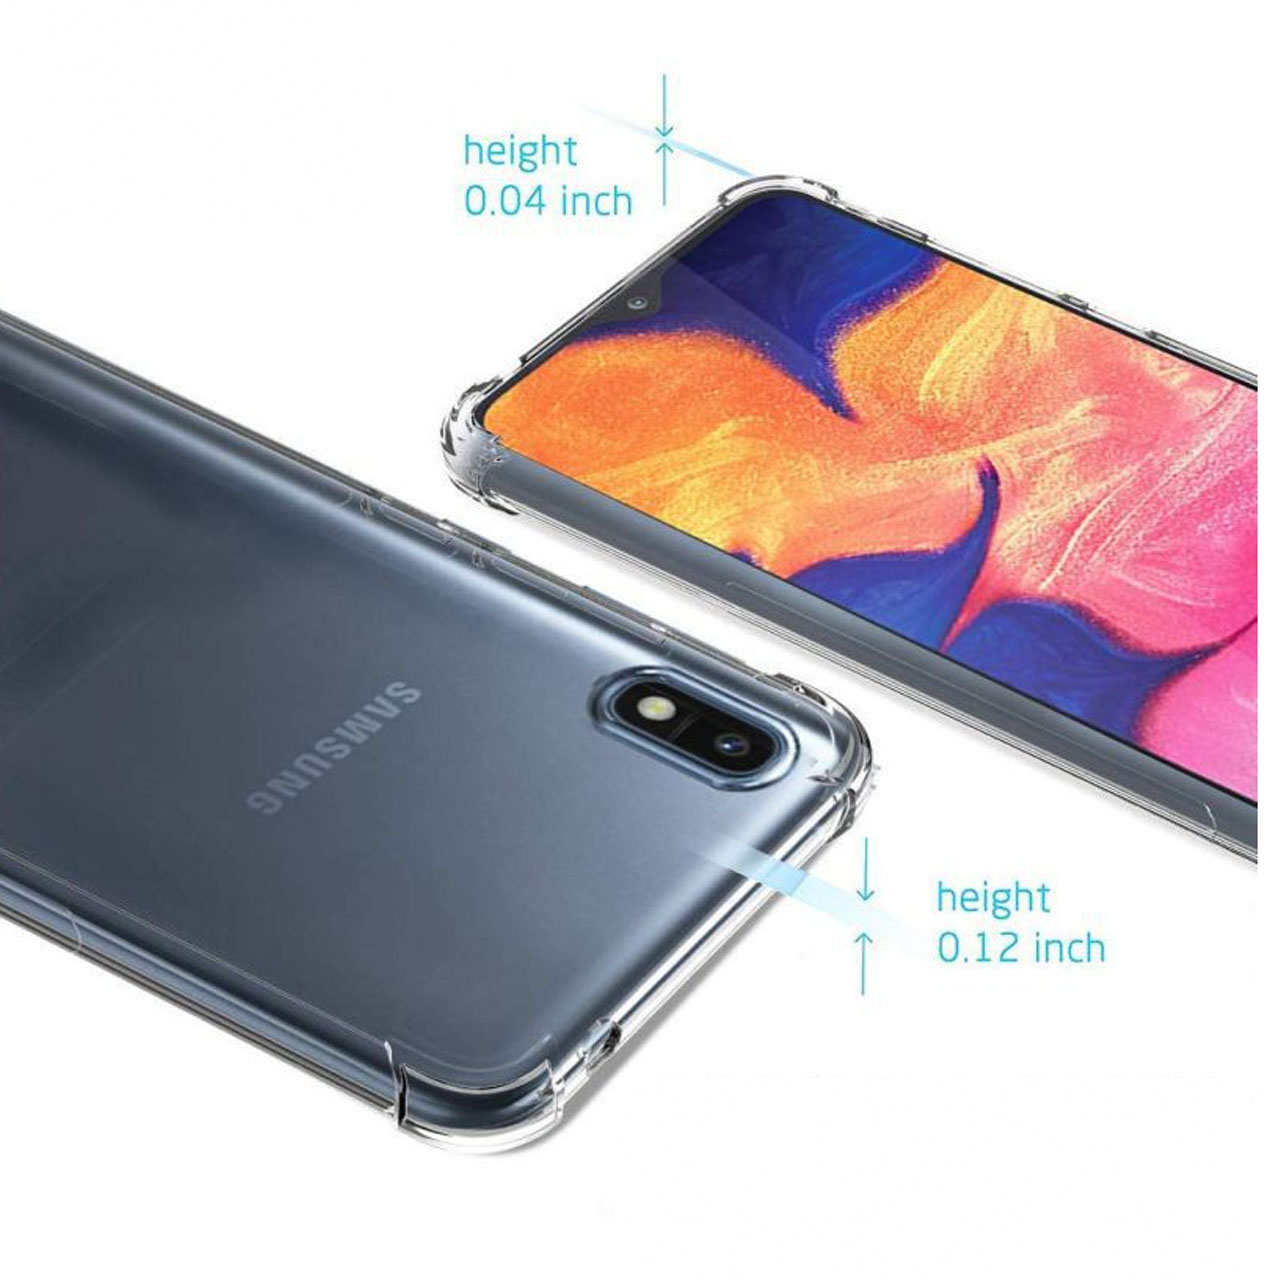 کاور مدل Eouro مناسب برای گوشی موبایل سامسونگ Galaxy A10 thumb 2 3